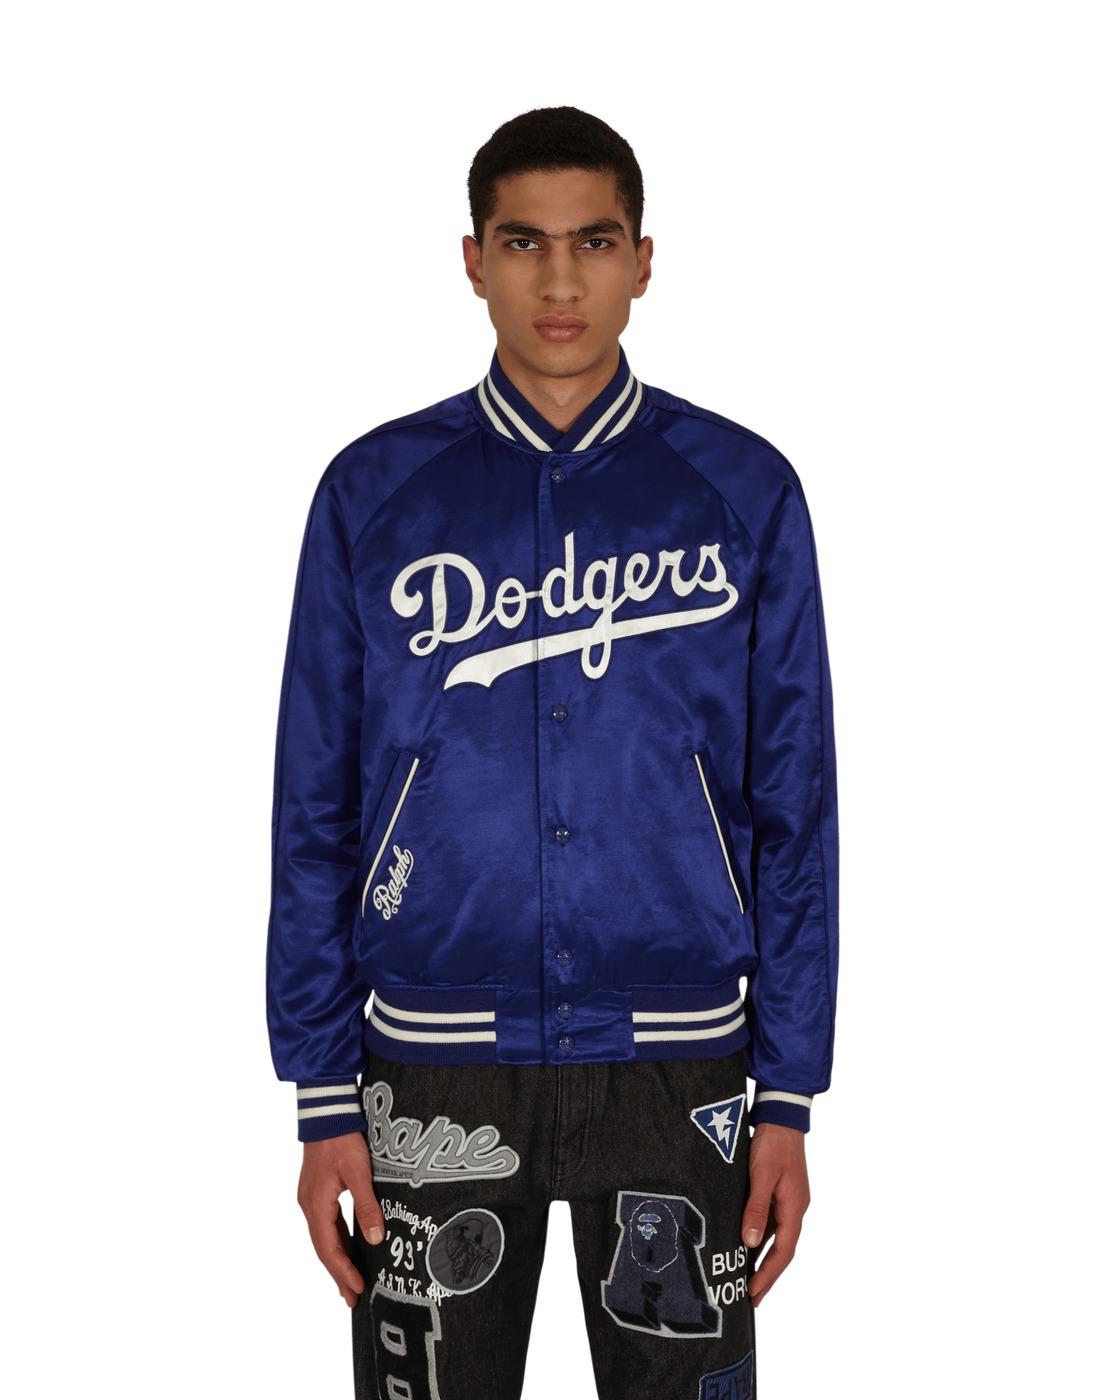 Photo: Polo Ralph Lauren Dodgers Bomber Jacket Baseball Royal/White